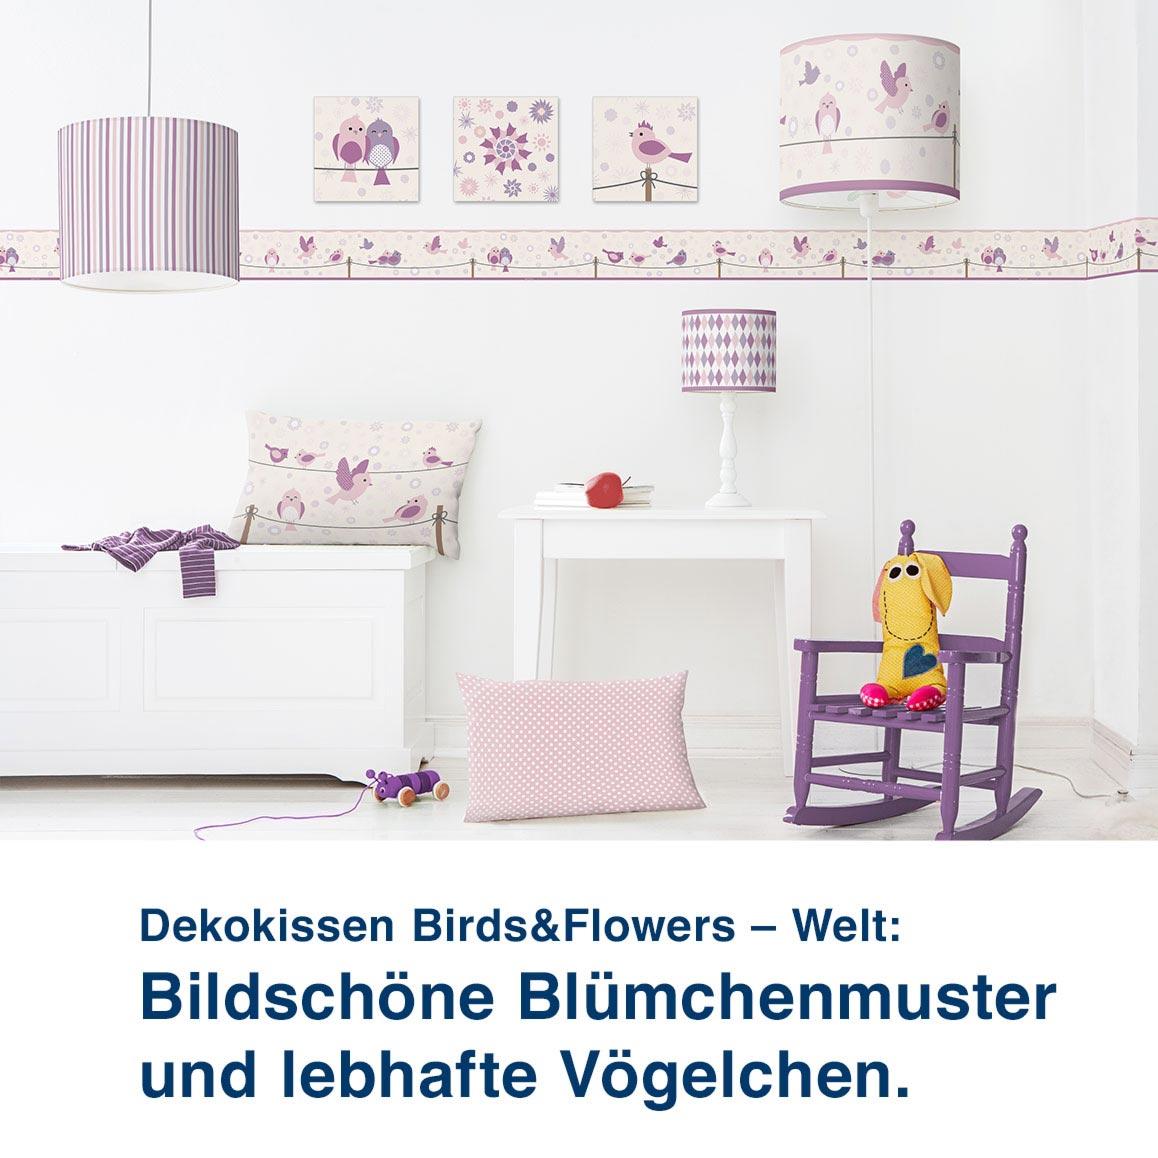 Dekokissen Birds&Flowers – Welt:  Bildschöne Blümchenmuster  und lebhafte Vögelchen.